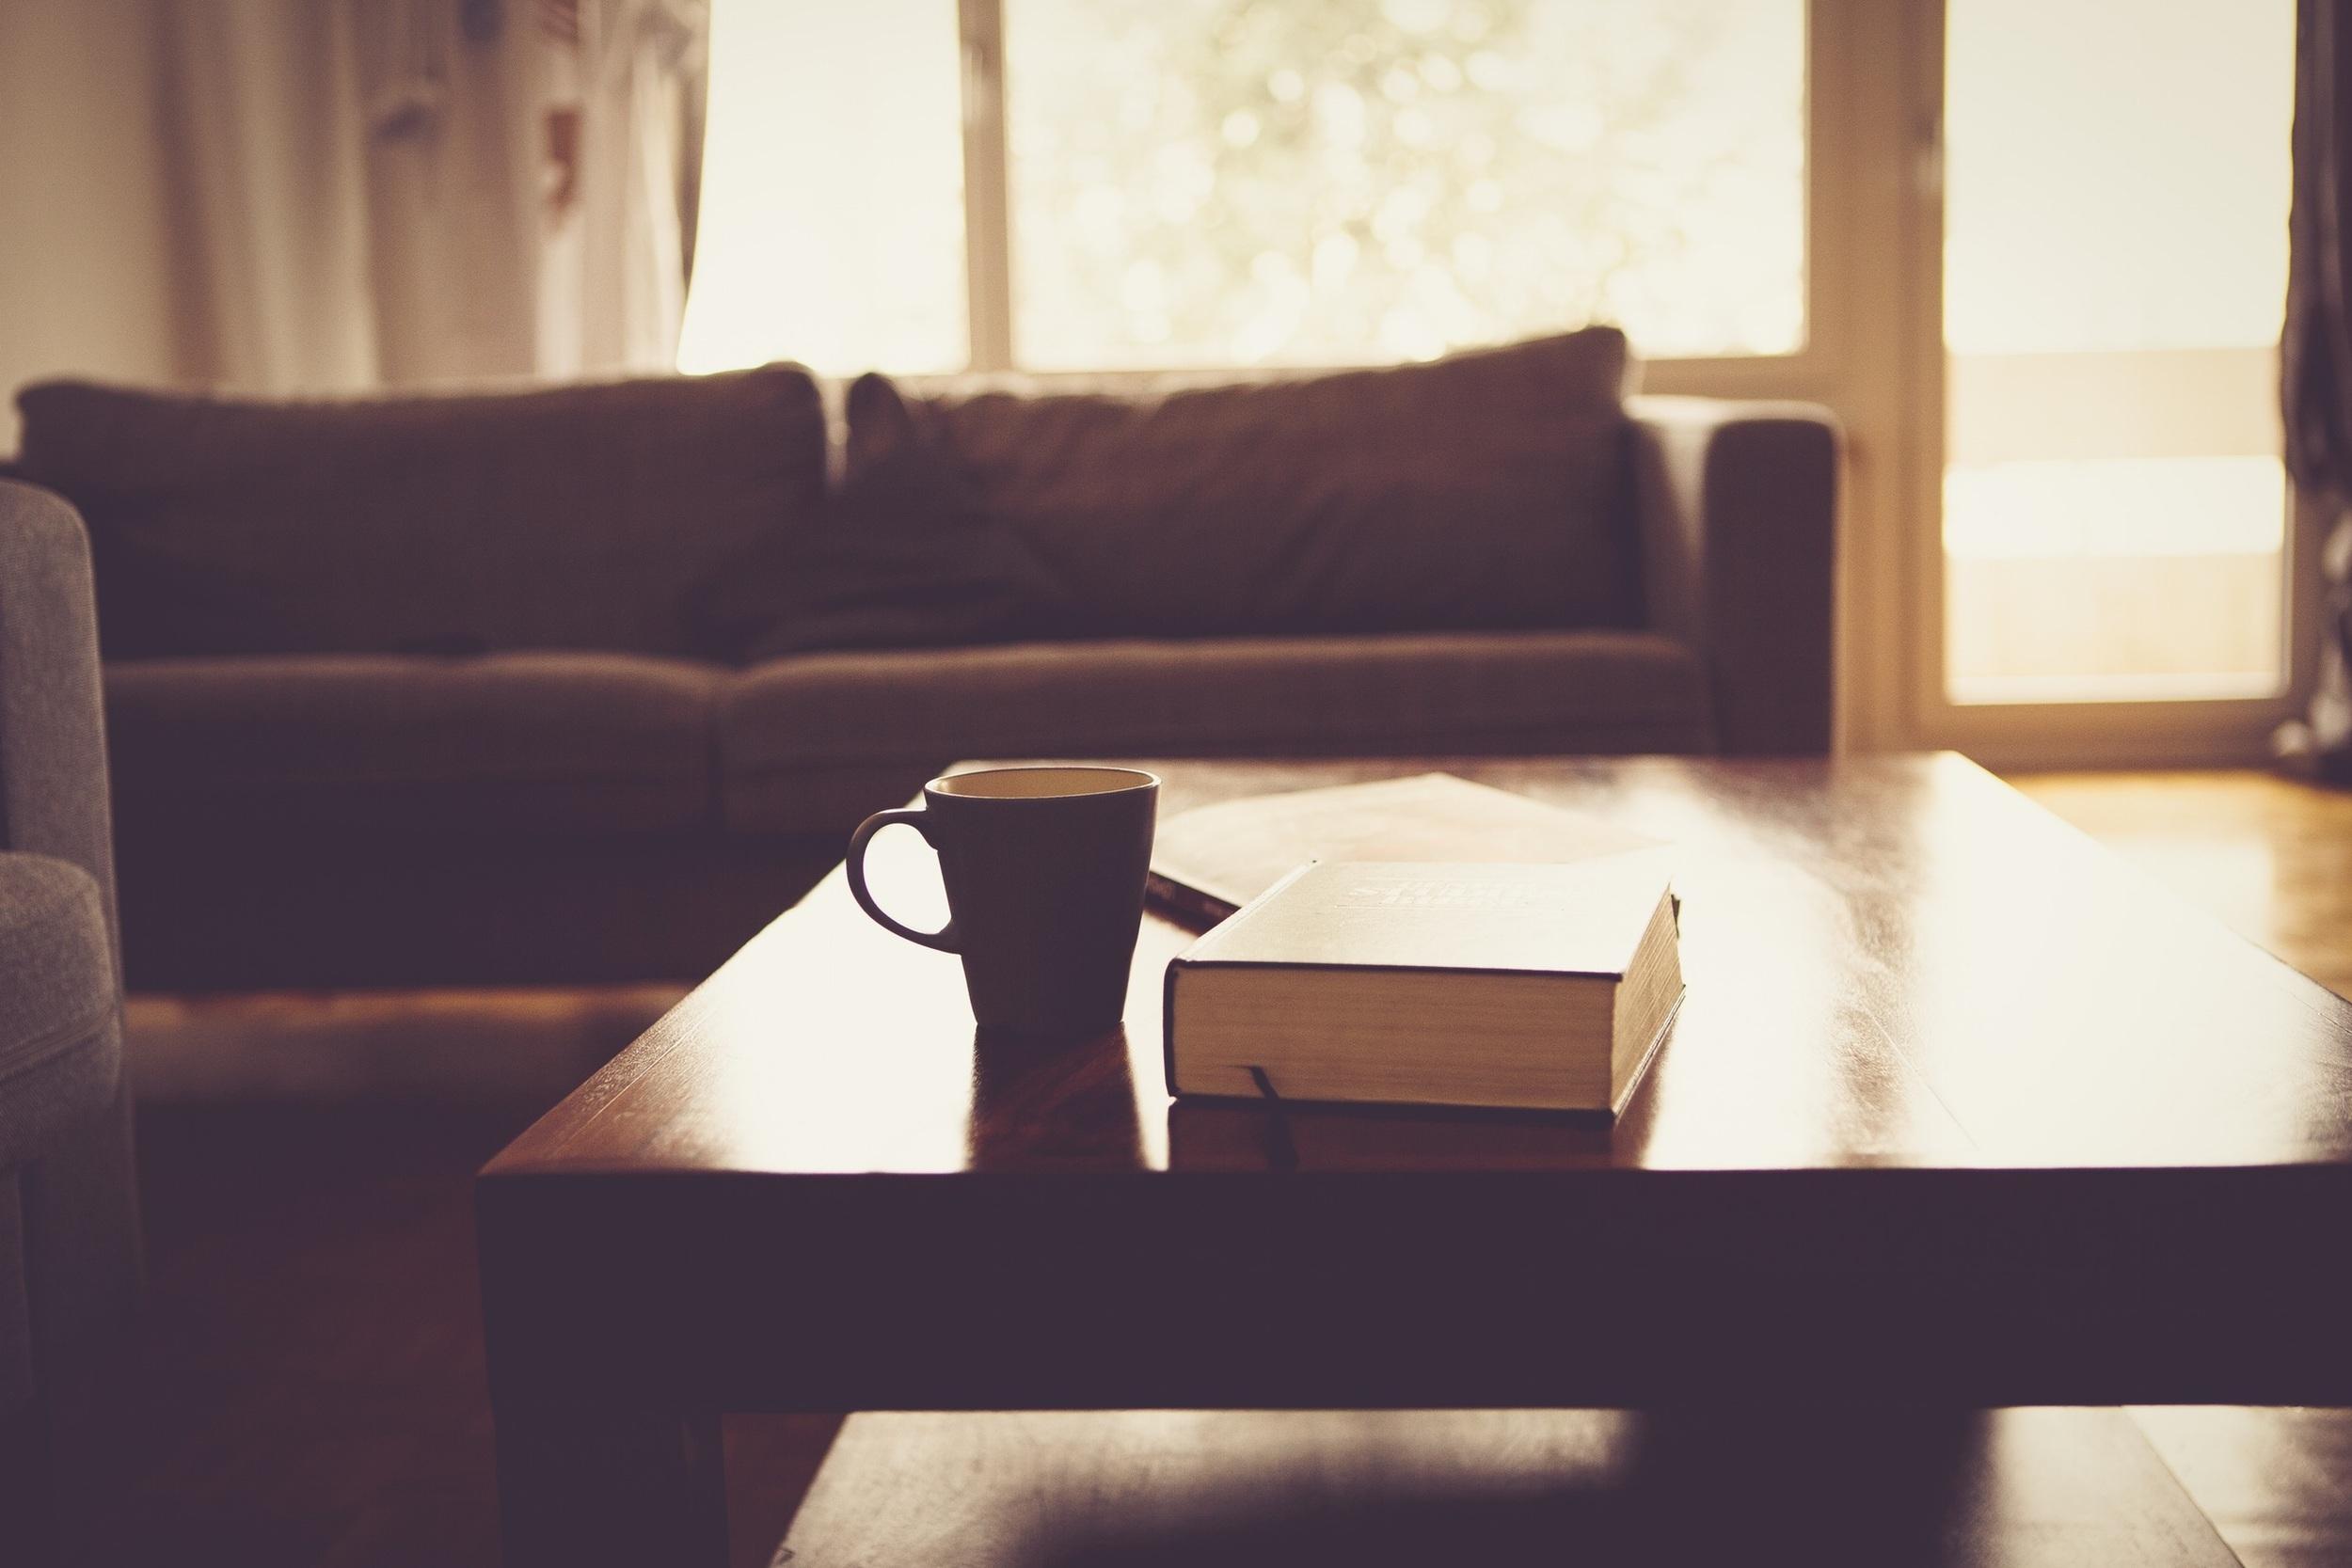 living-room-690174.jpg